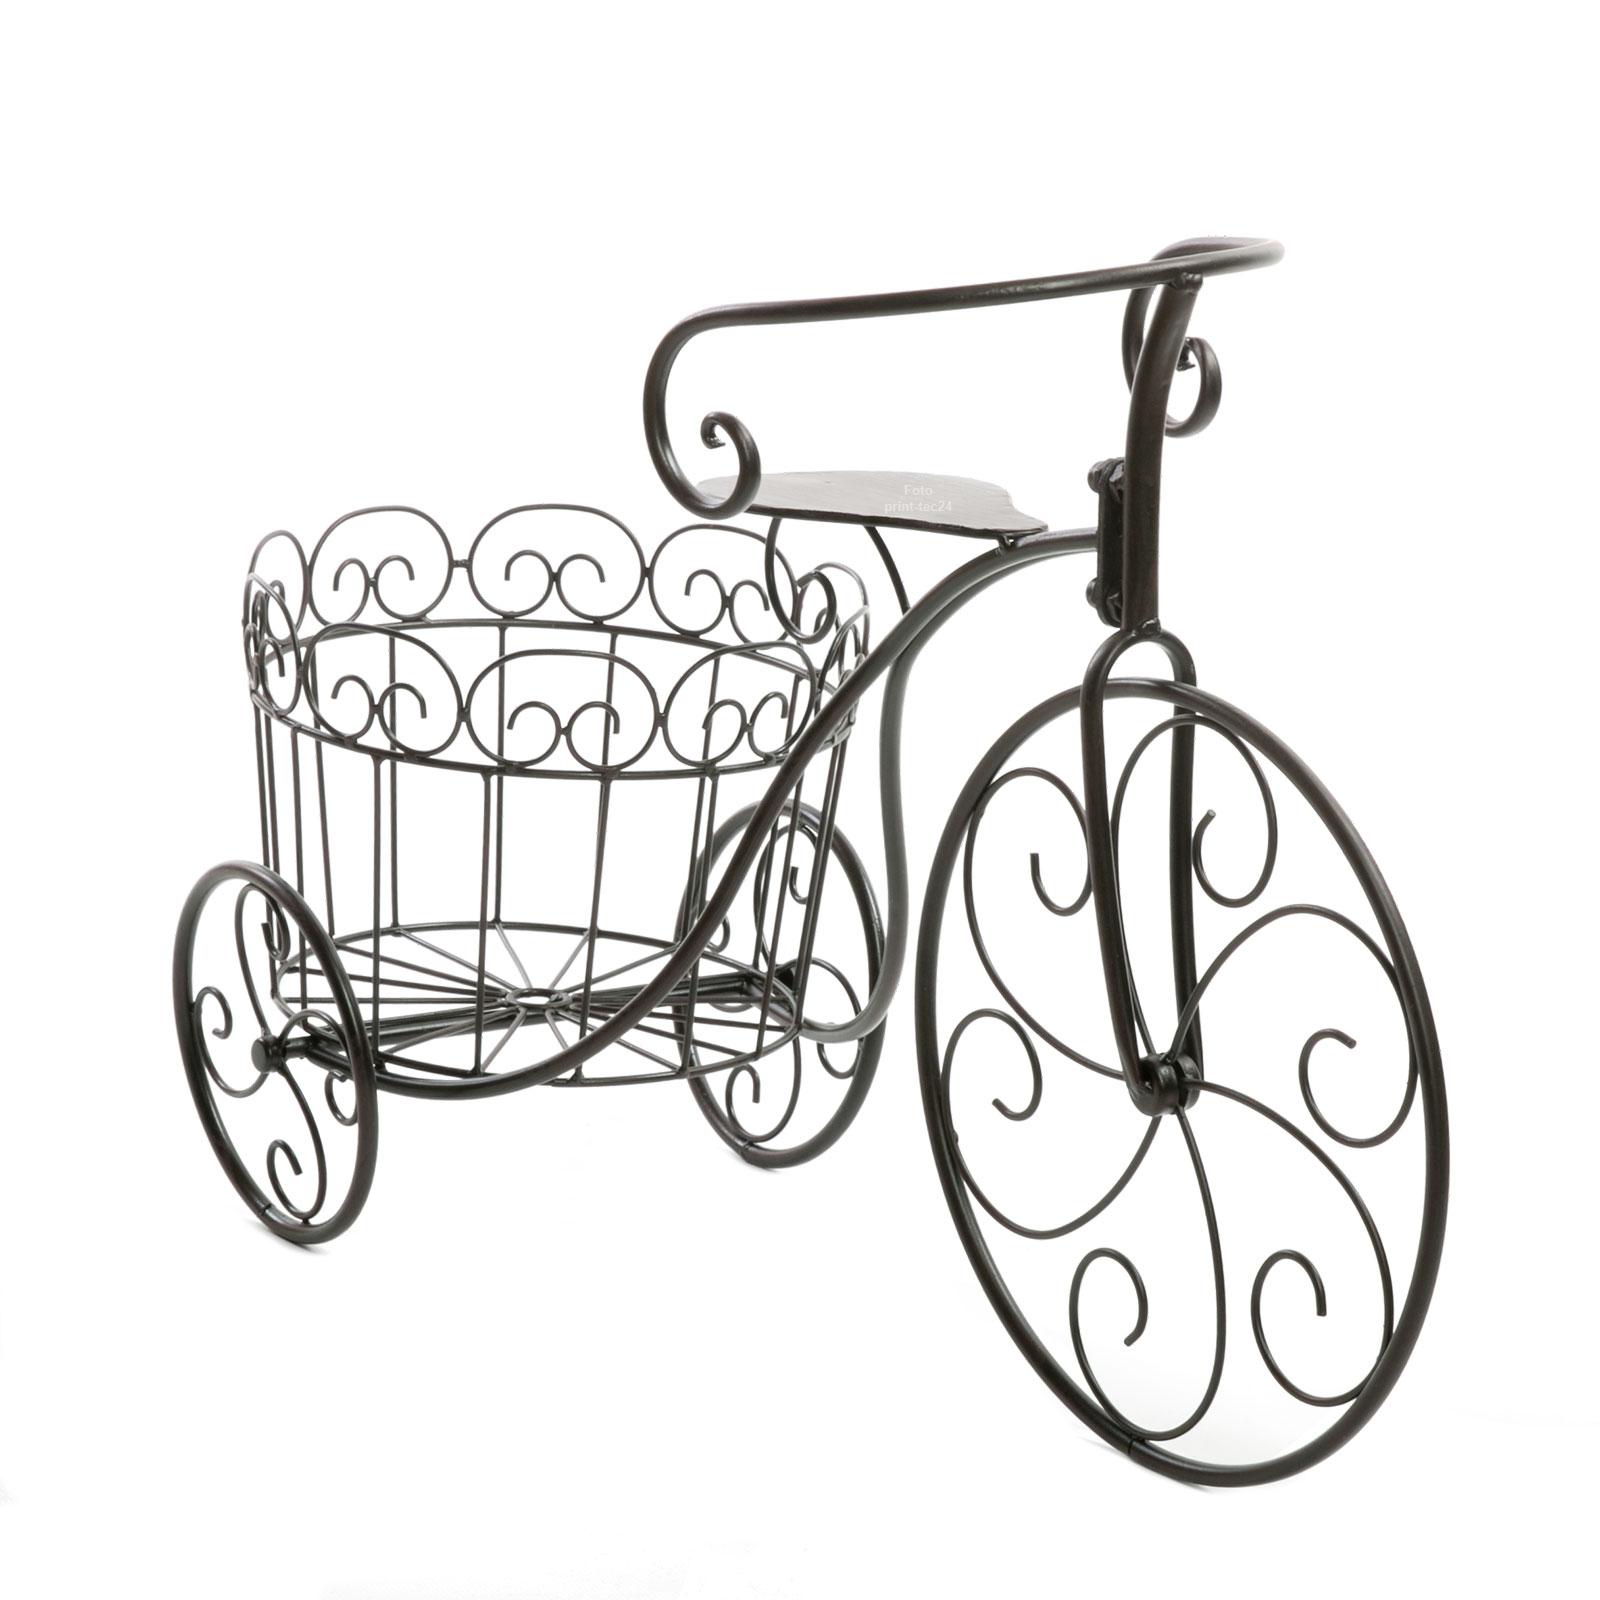 leiter stuhl bollerwagen pflanzk bel schaubkarre birke holz natur garten deko ebay. Black Bedroom Furniture Sets. Home Design Ideas